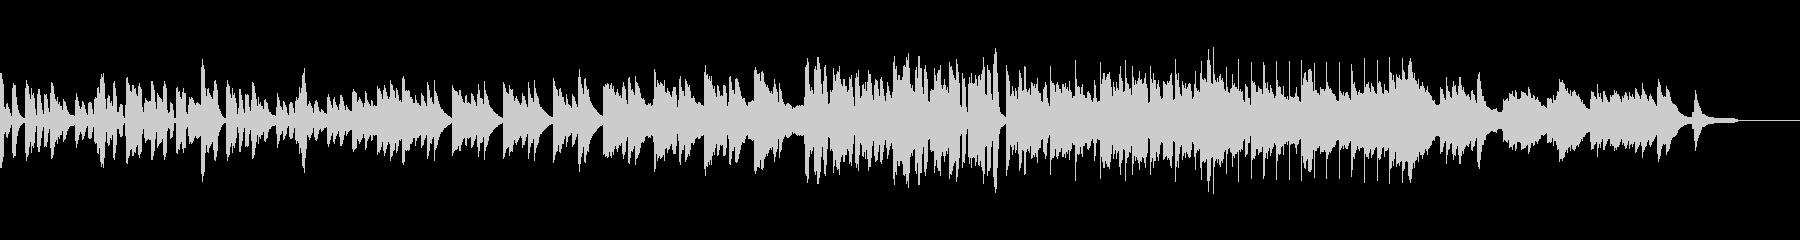 ほのぼのとした短いピアノとリコーダーの曲の未再生の波形